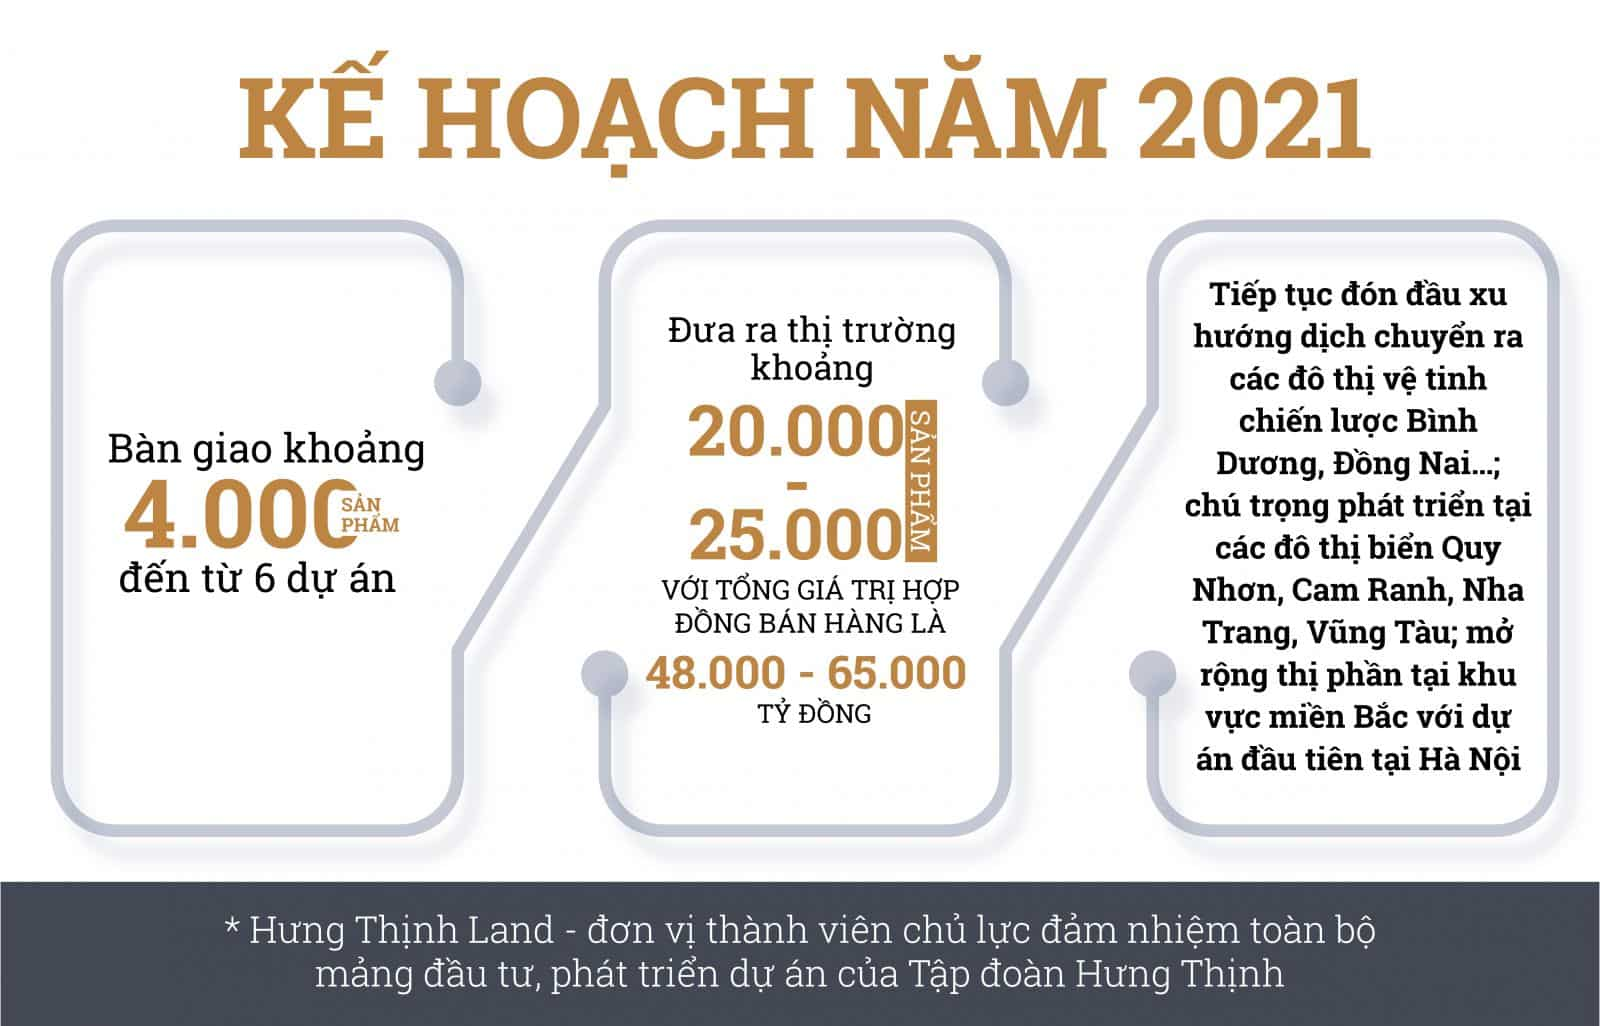 Kế hoạch kinh doanh 2021 Hưng Thịnh Land